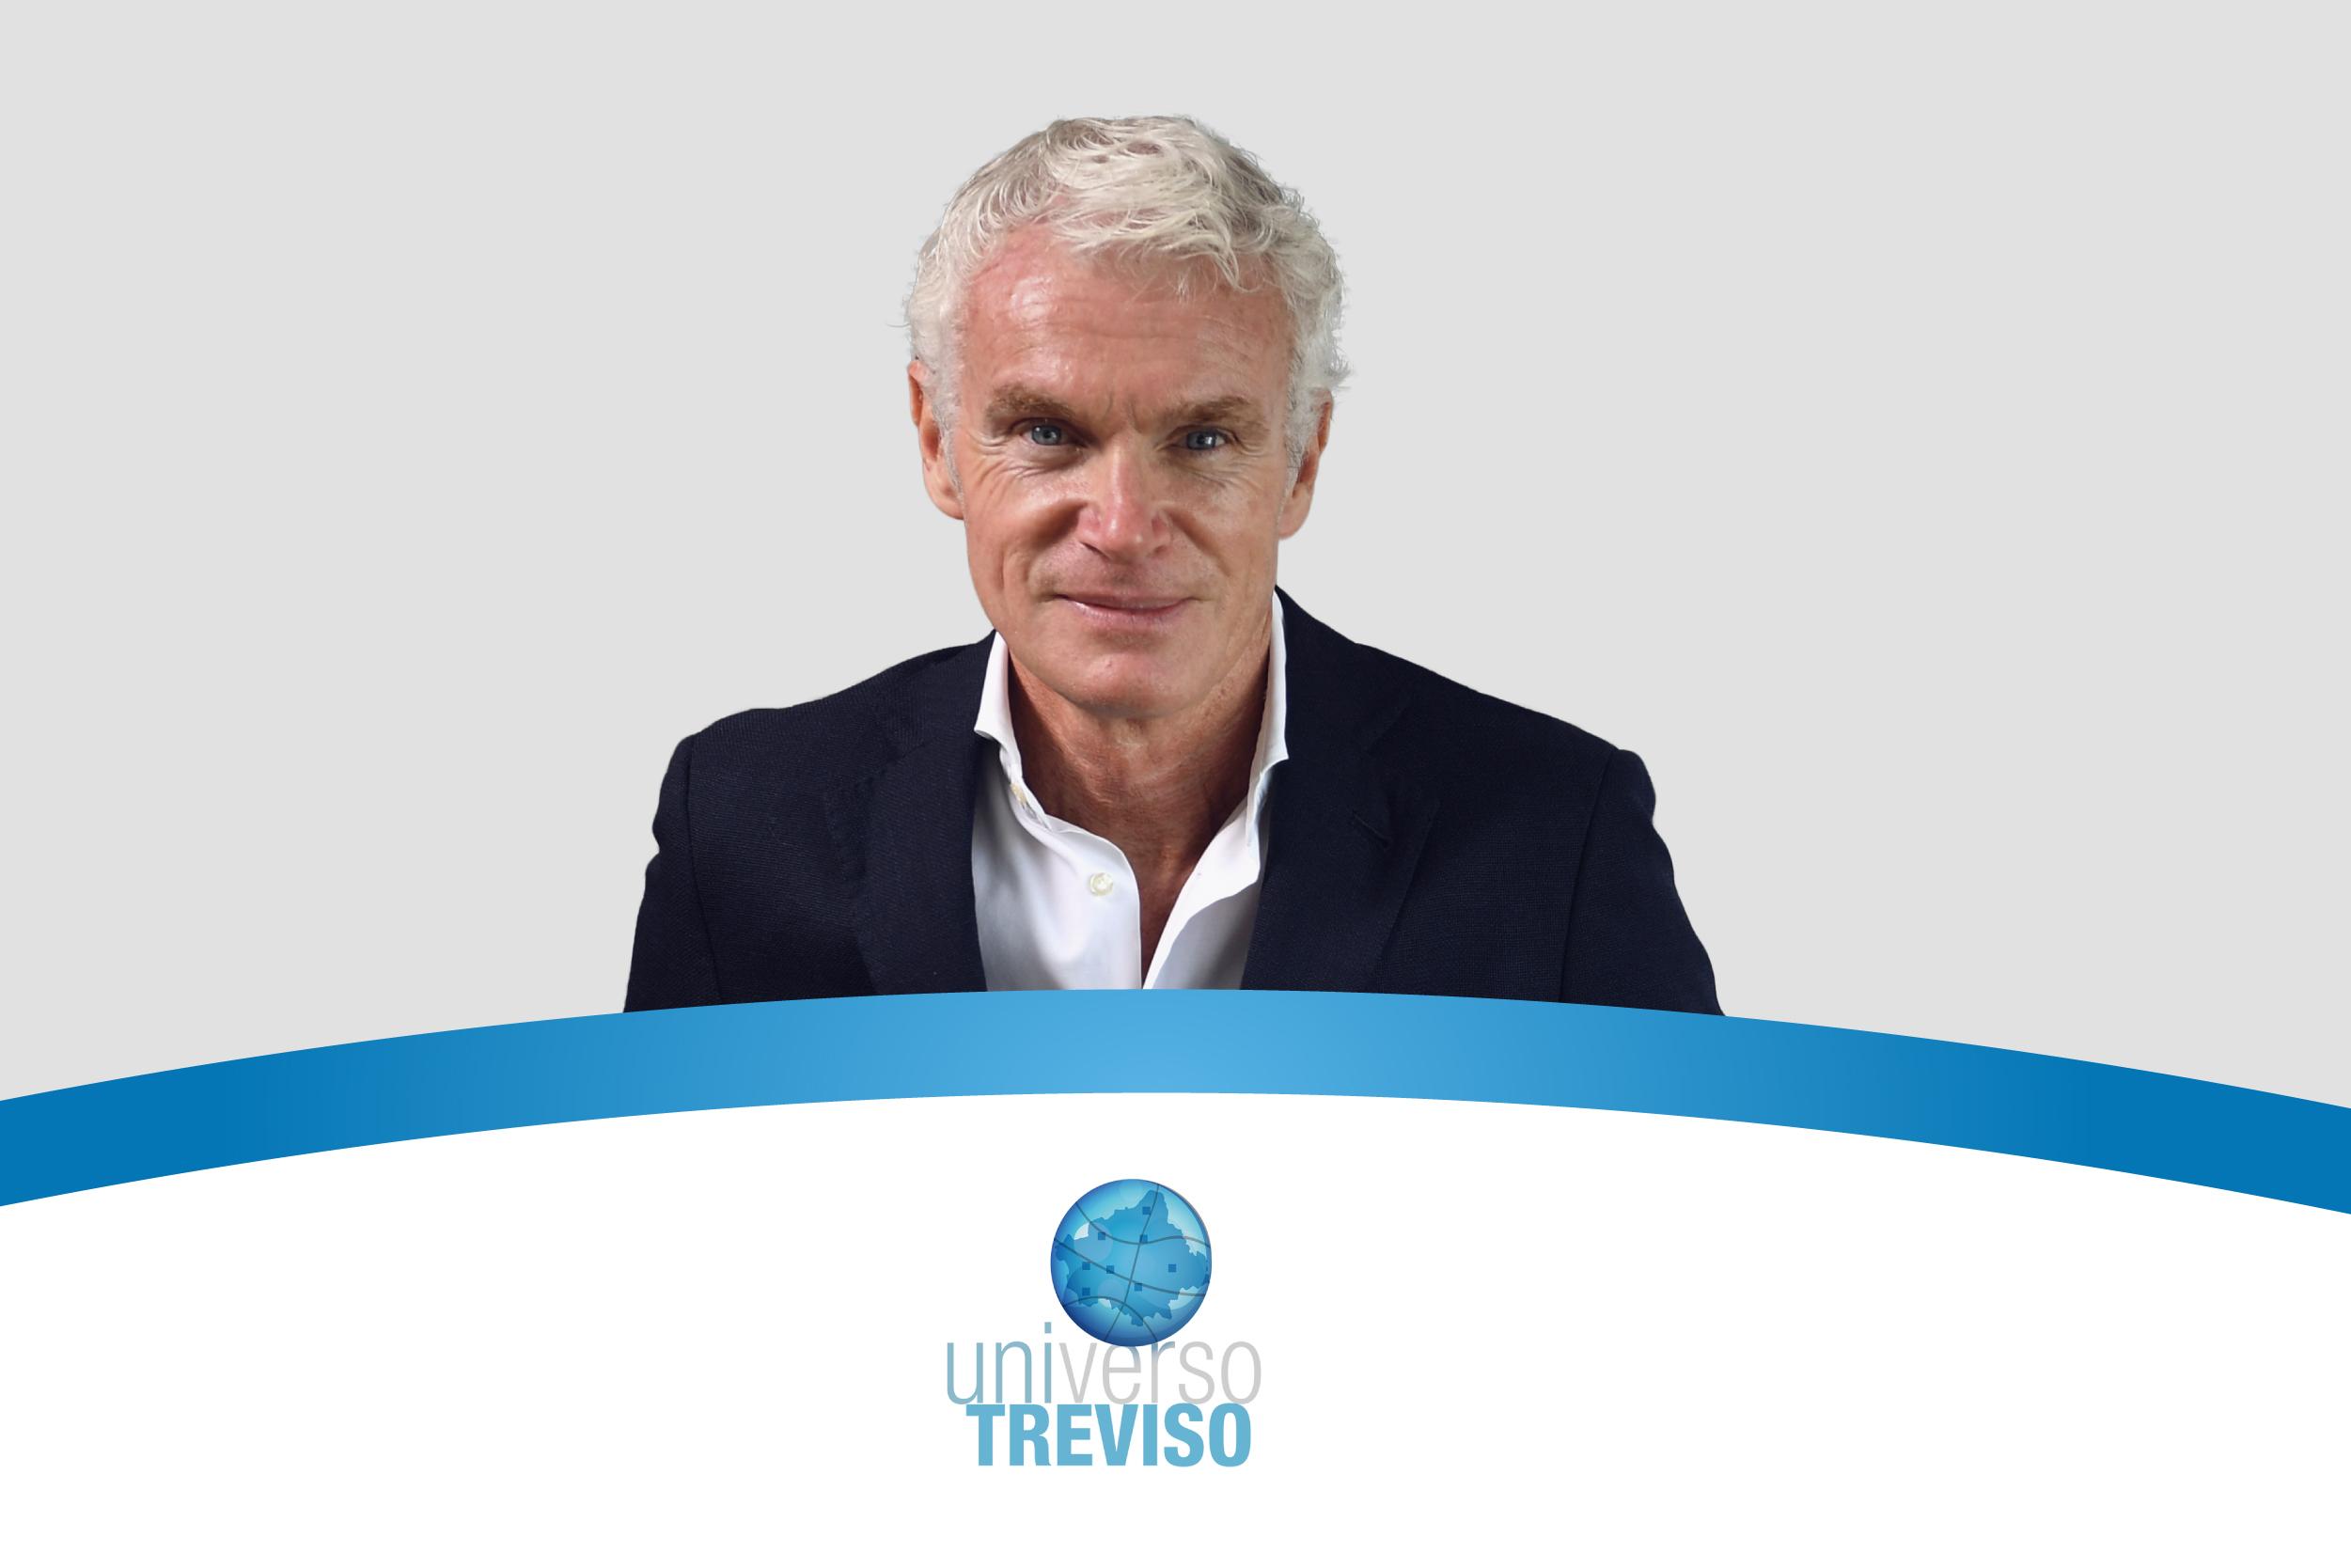 Roberto Rizzo confermato Presidente di UniVerso Treviso!